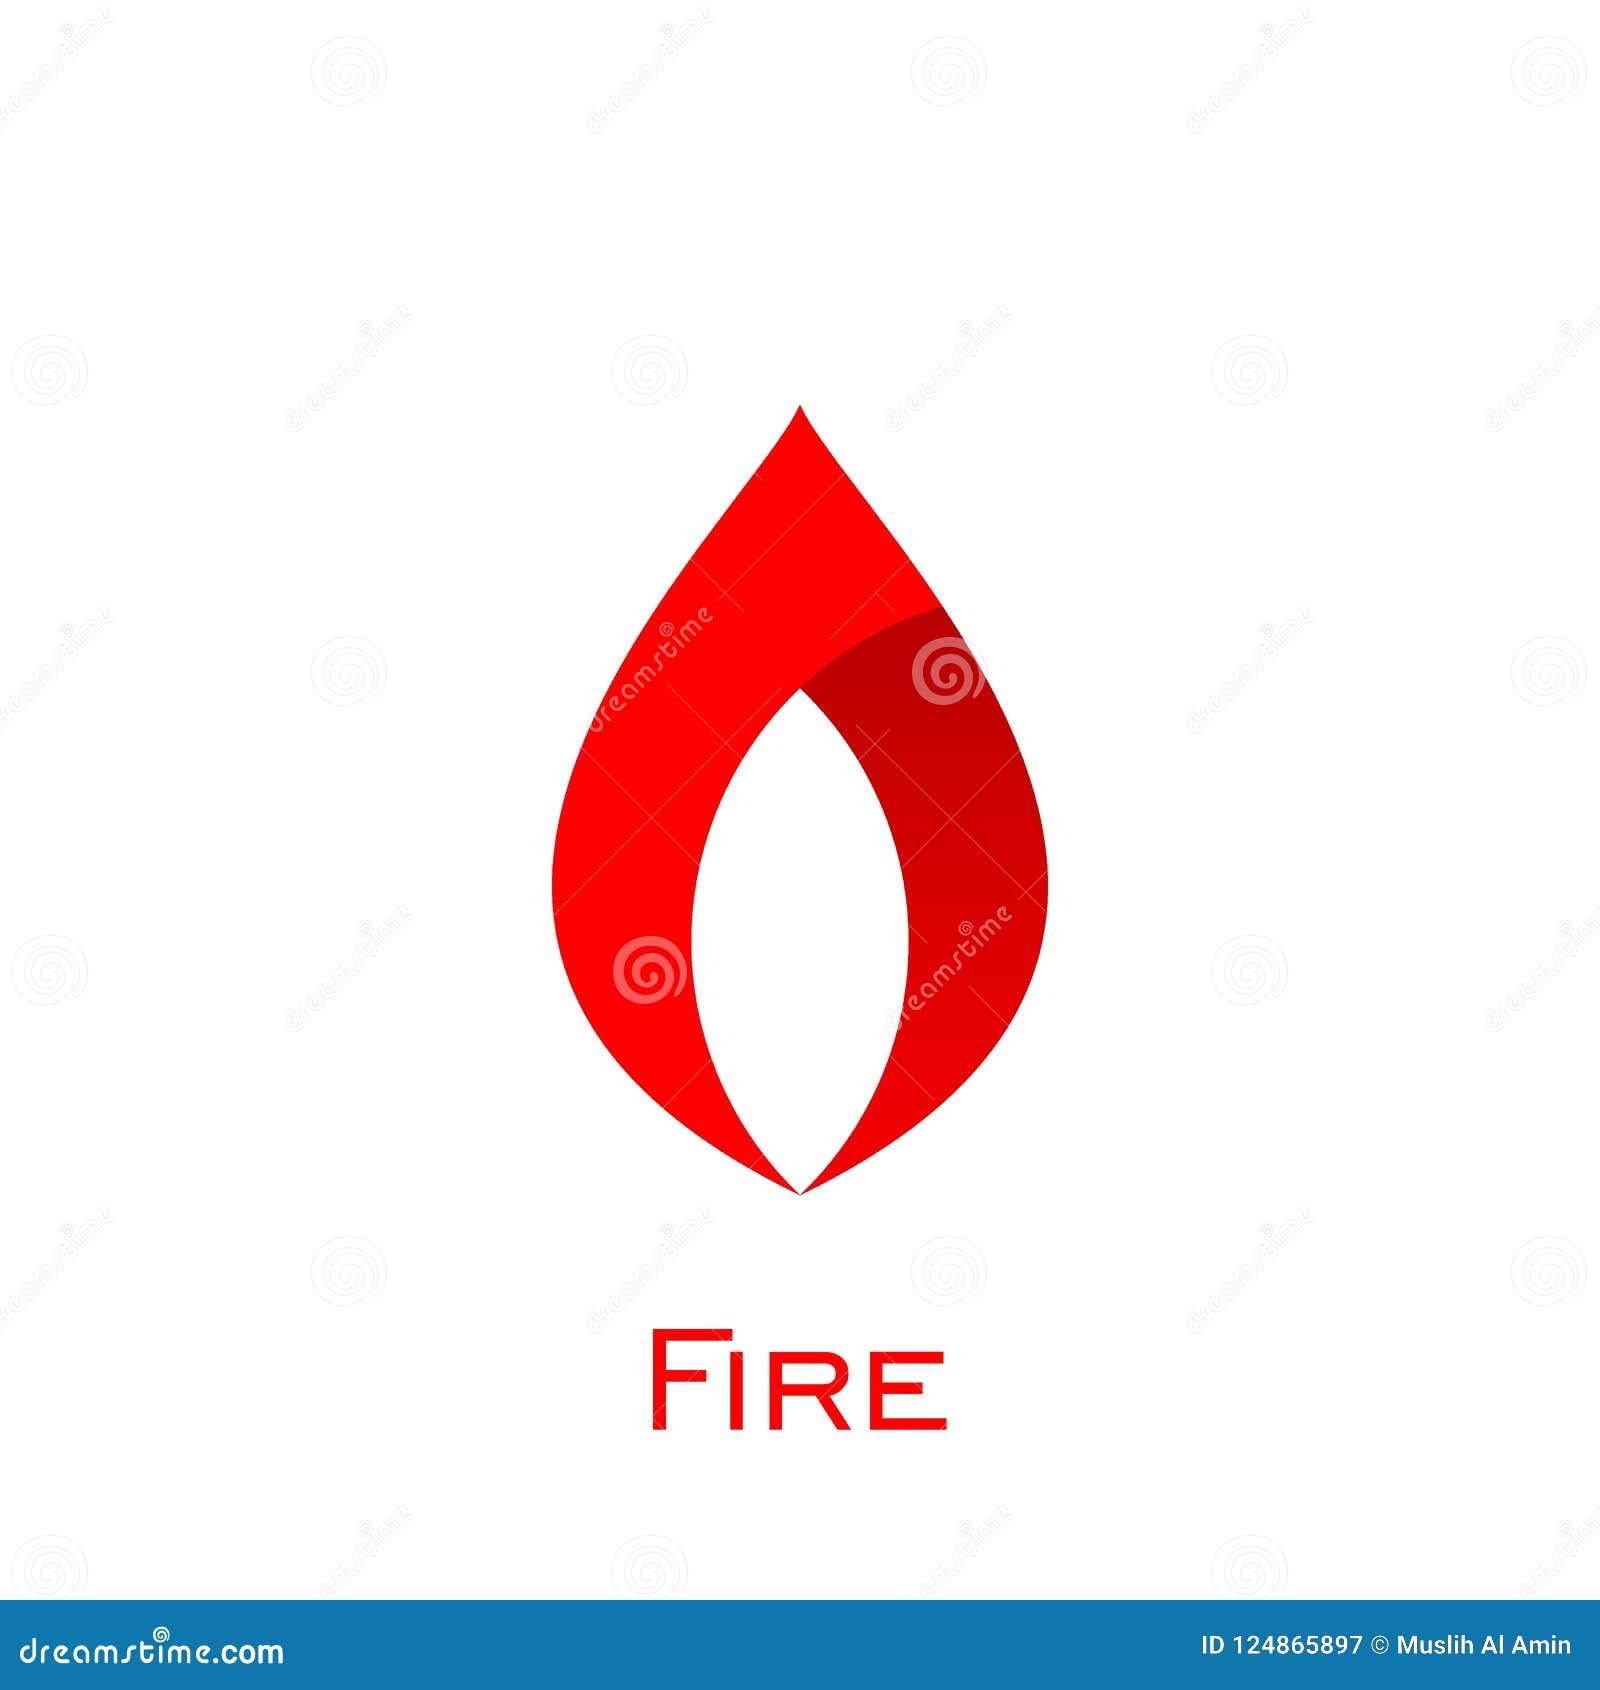 Fire Logo Design, Simple Flame Logo, Vector Icons  Stock Vector